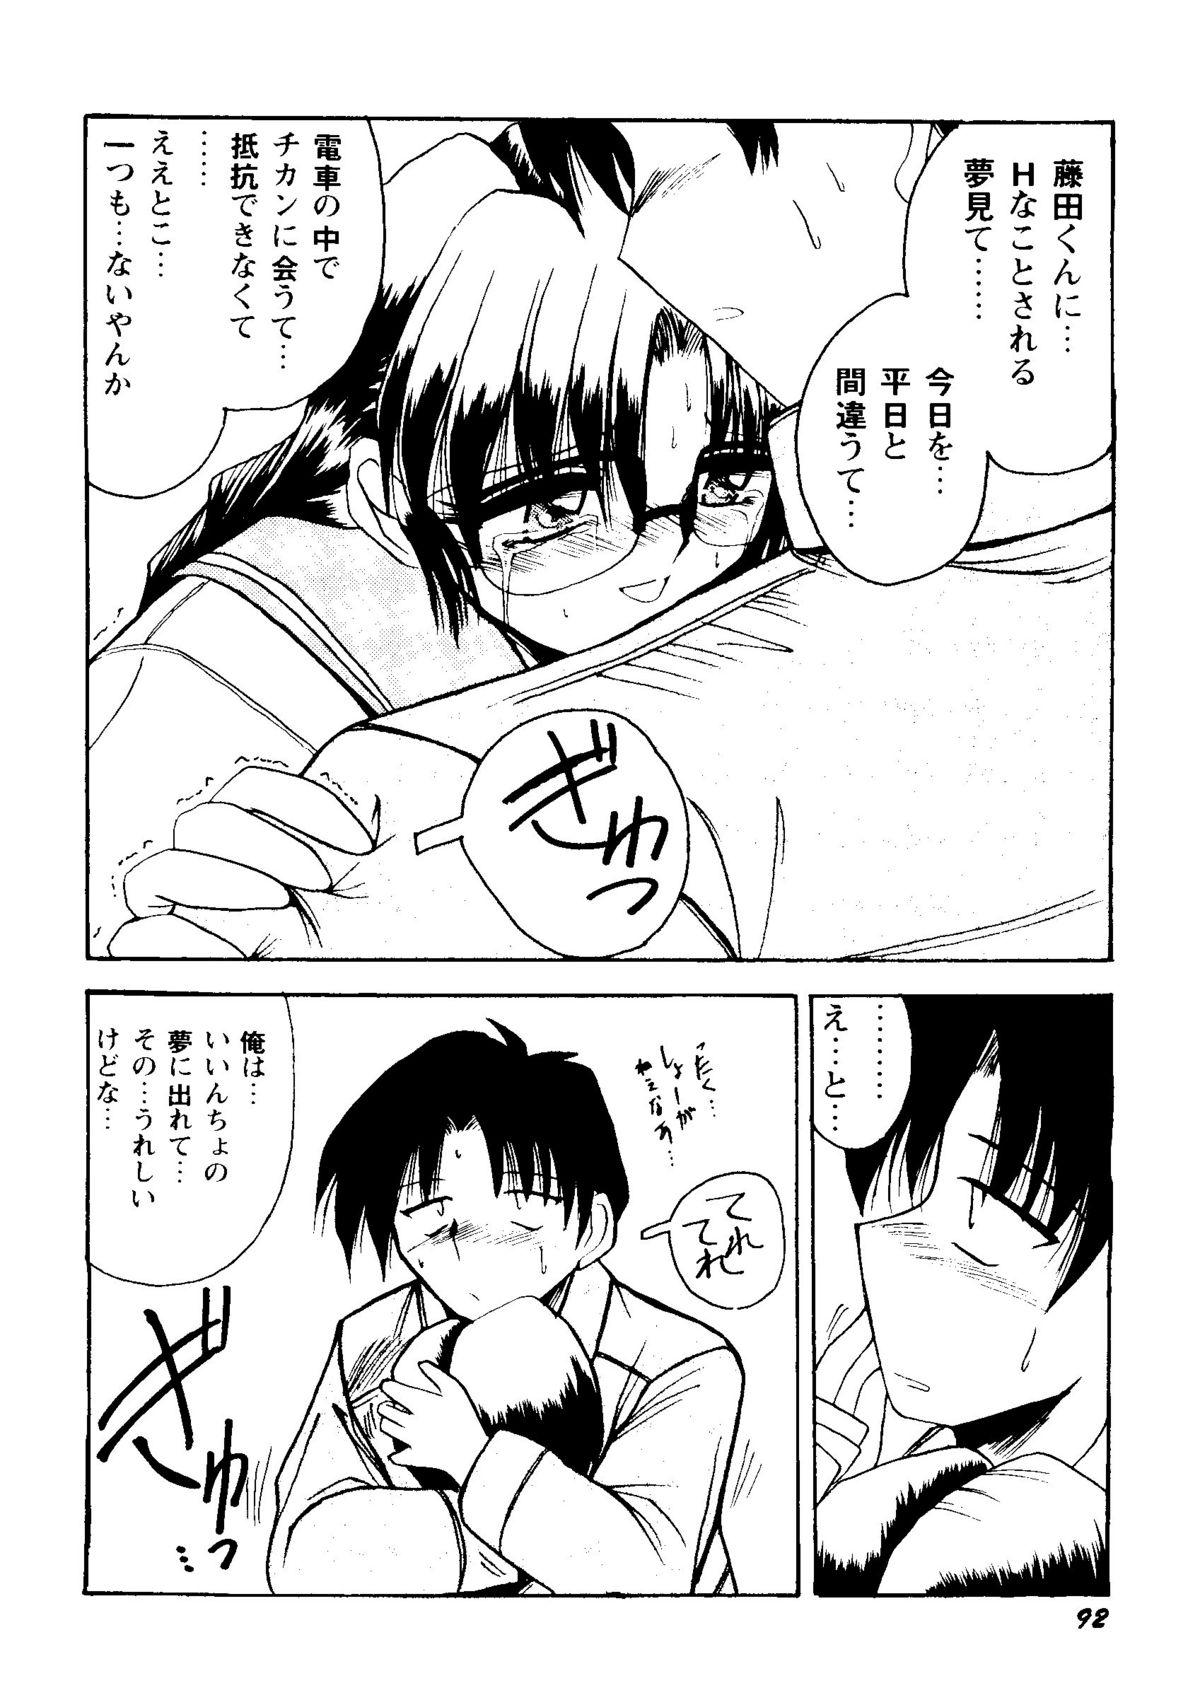 Bishoujo Doujinshi Anthology Cute 2 93